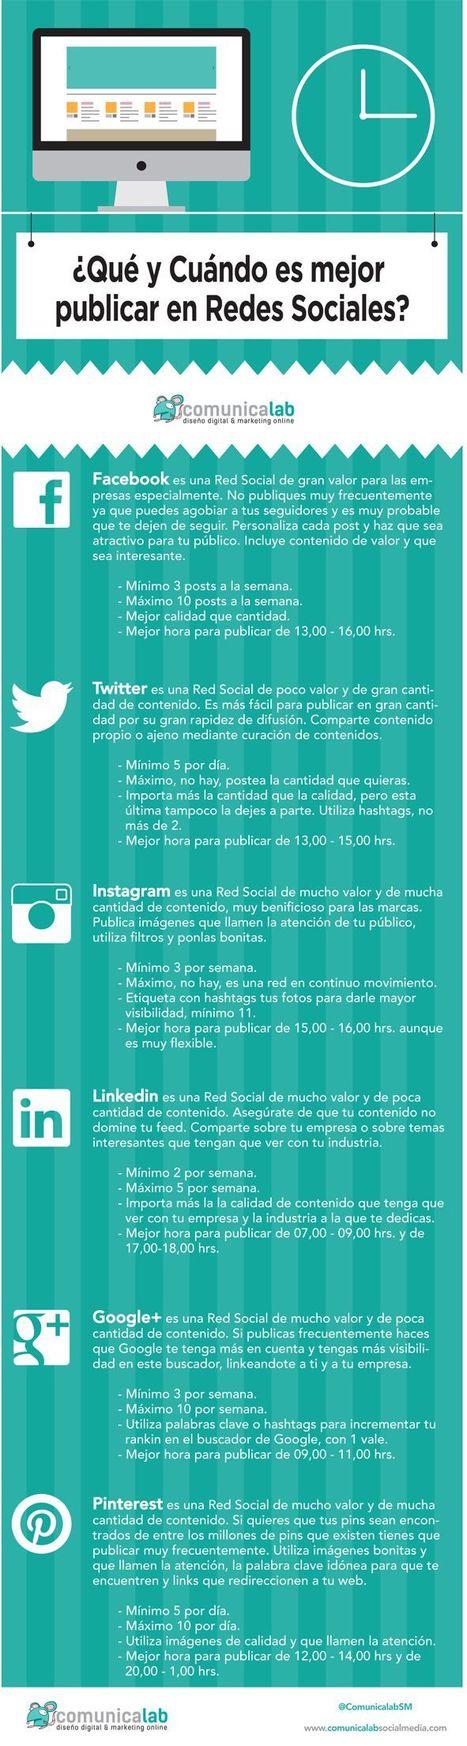 Las mejores horas para publicar en las Redes Sociales - Begoña Rodríguez | Social Media | Scoop.it